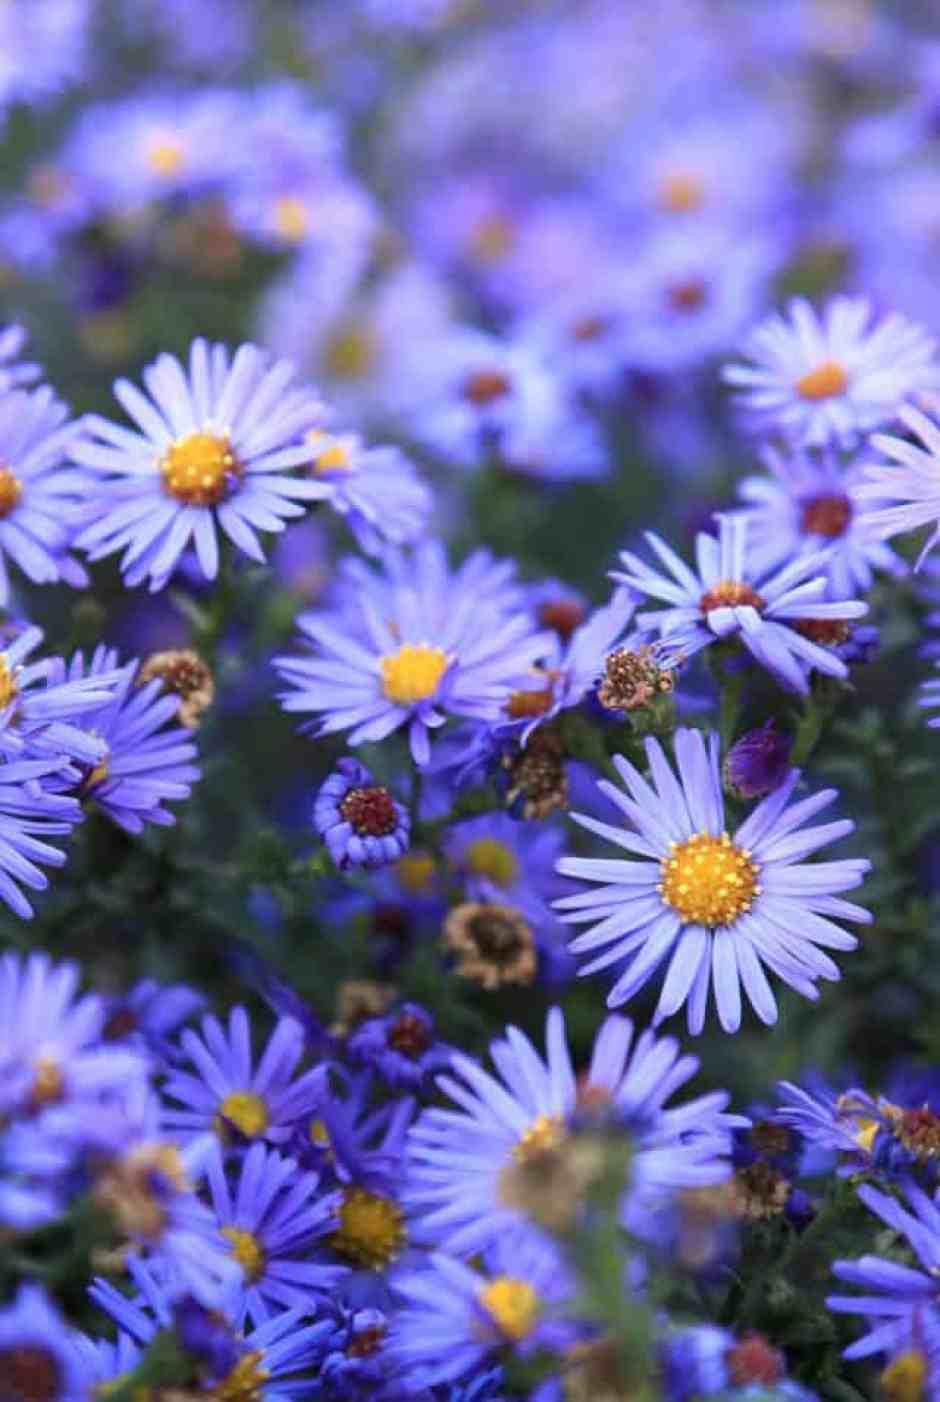 Astro, un bellissimo fiore dai toni blu